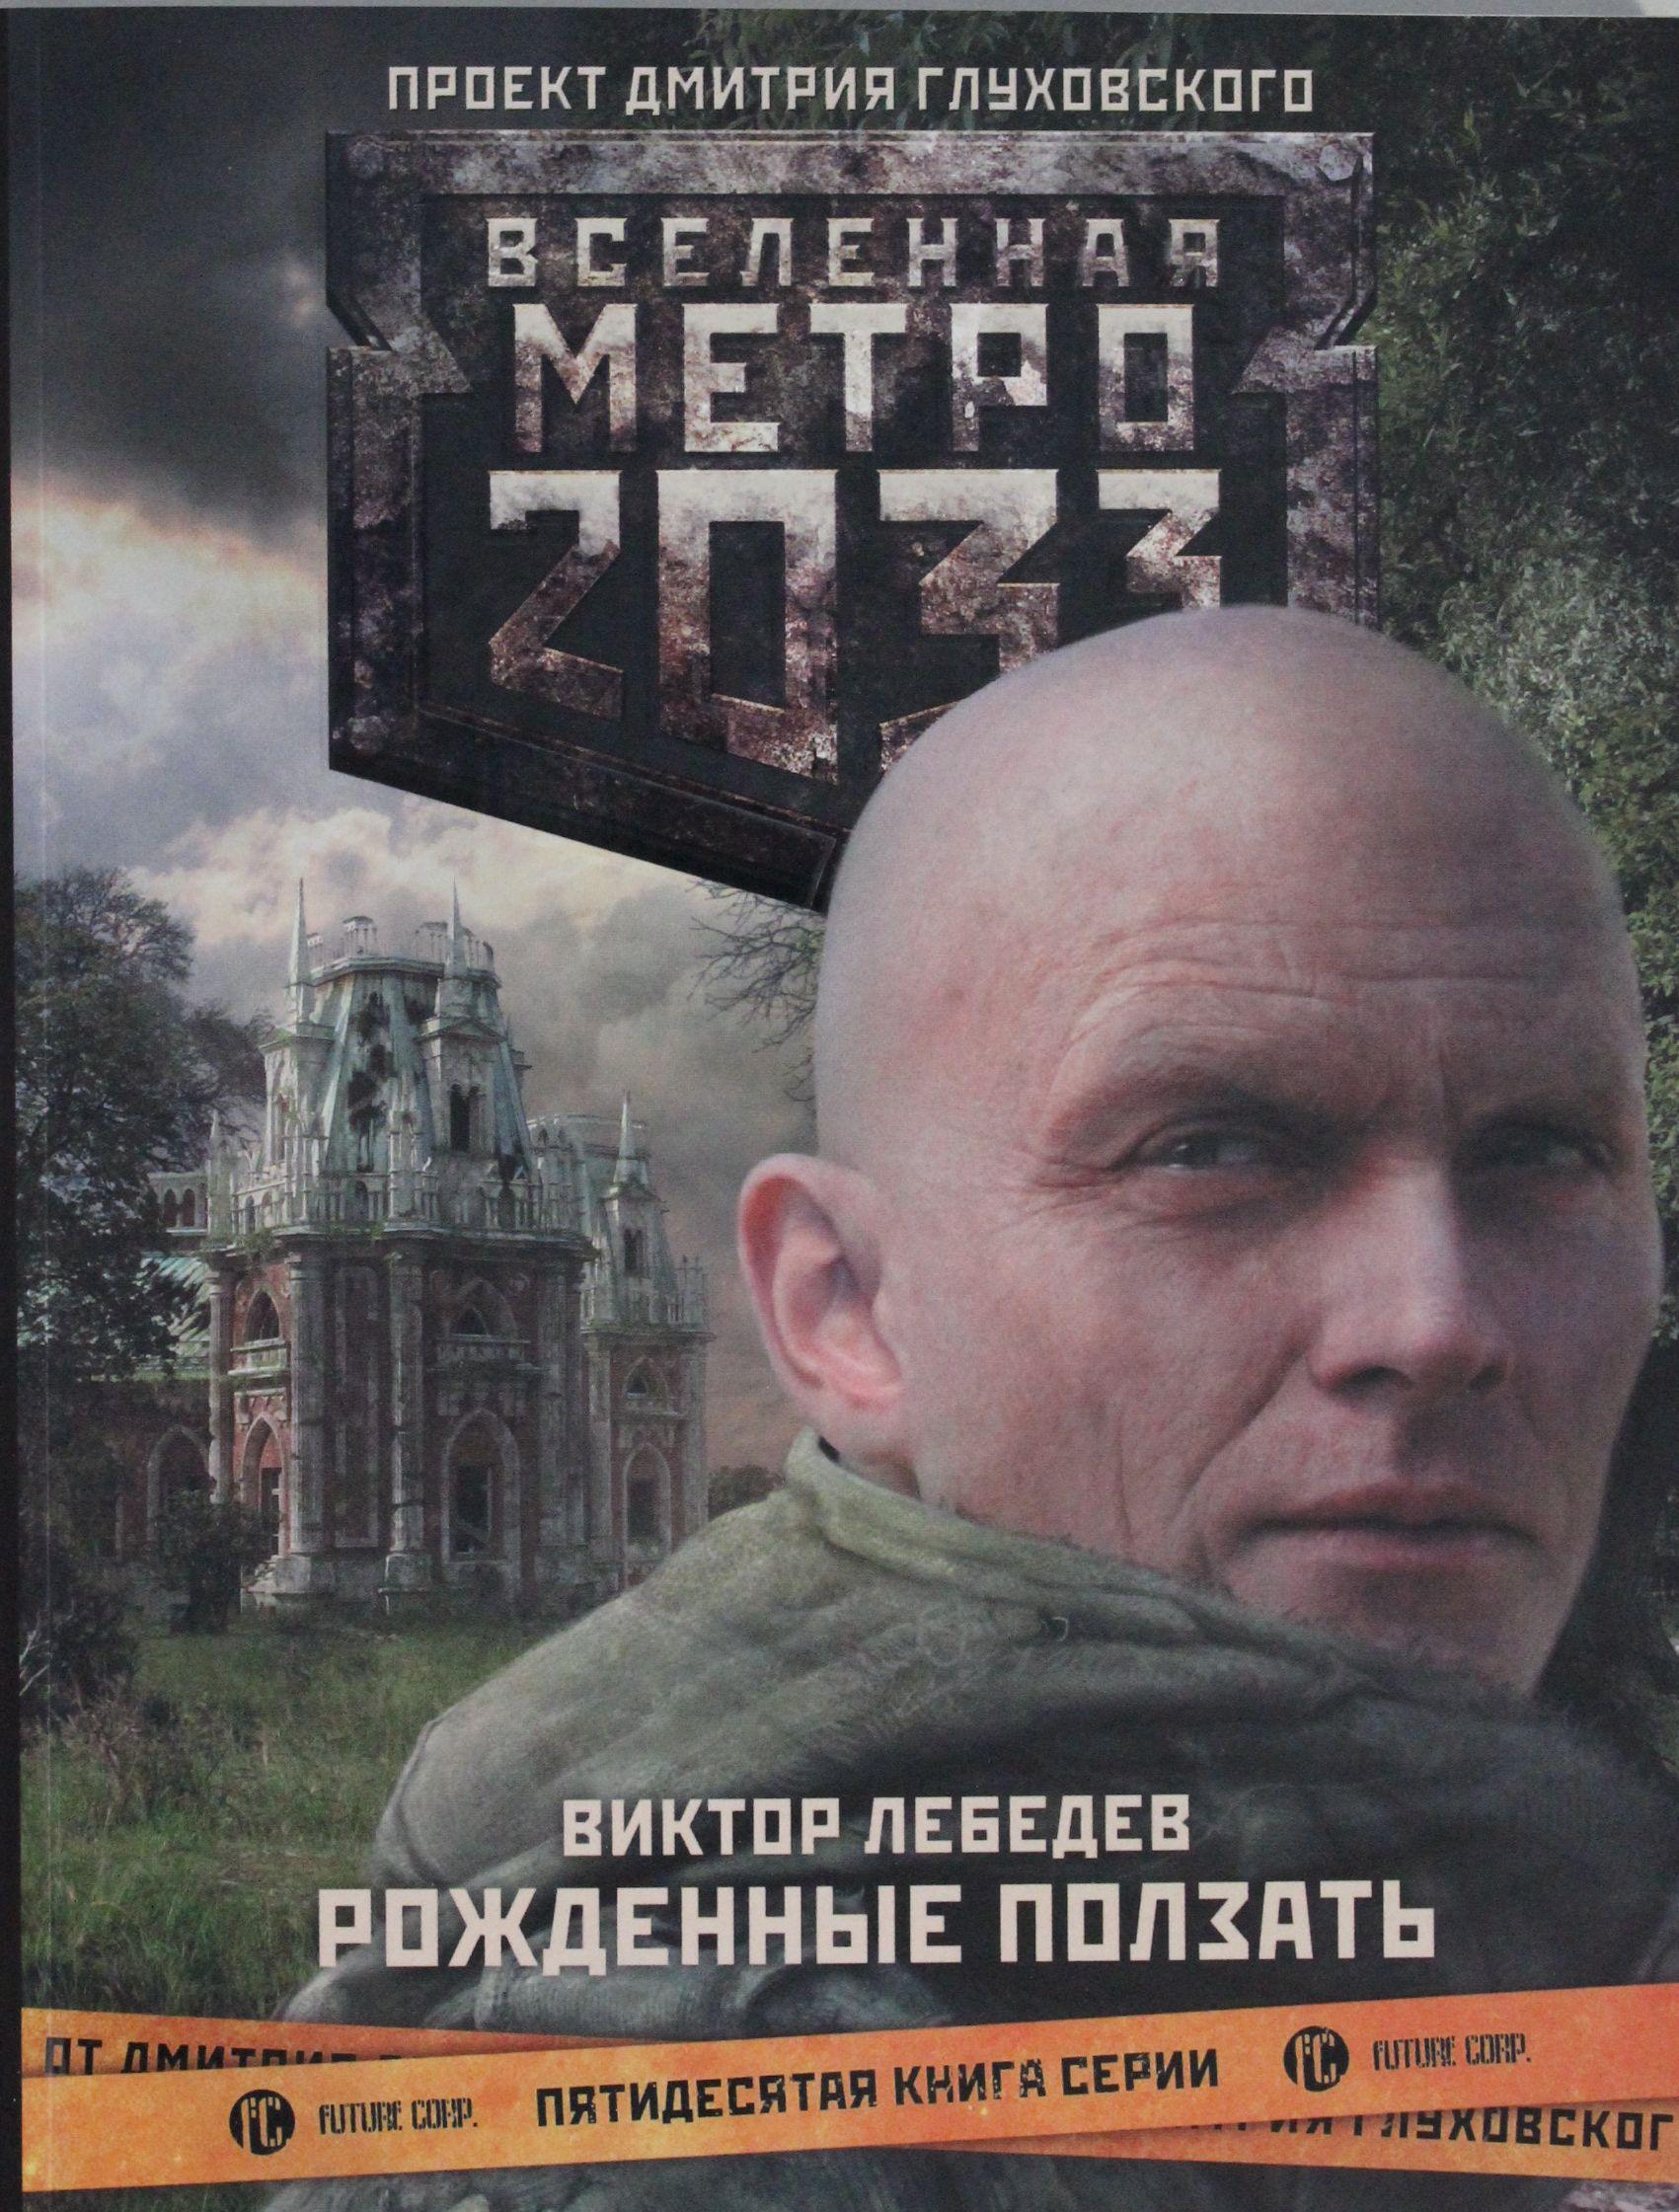 Metro 2033: Rozhdennye polzat